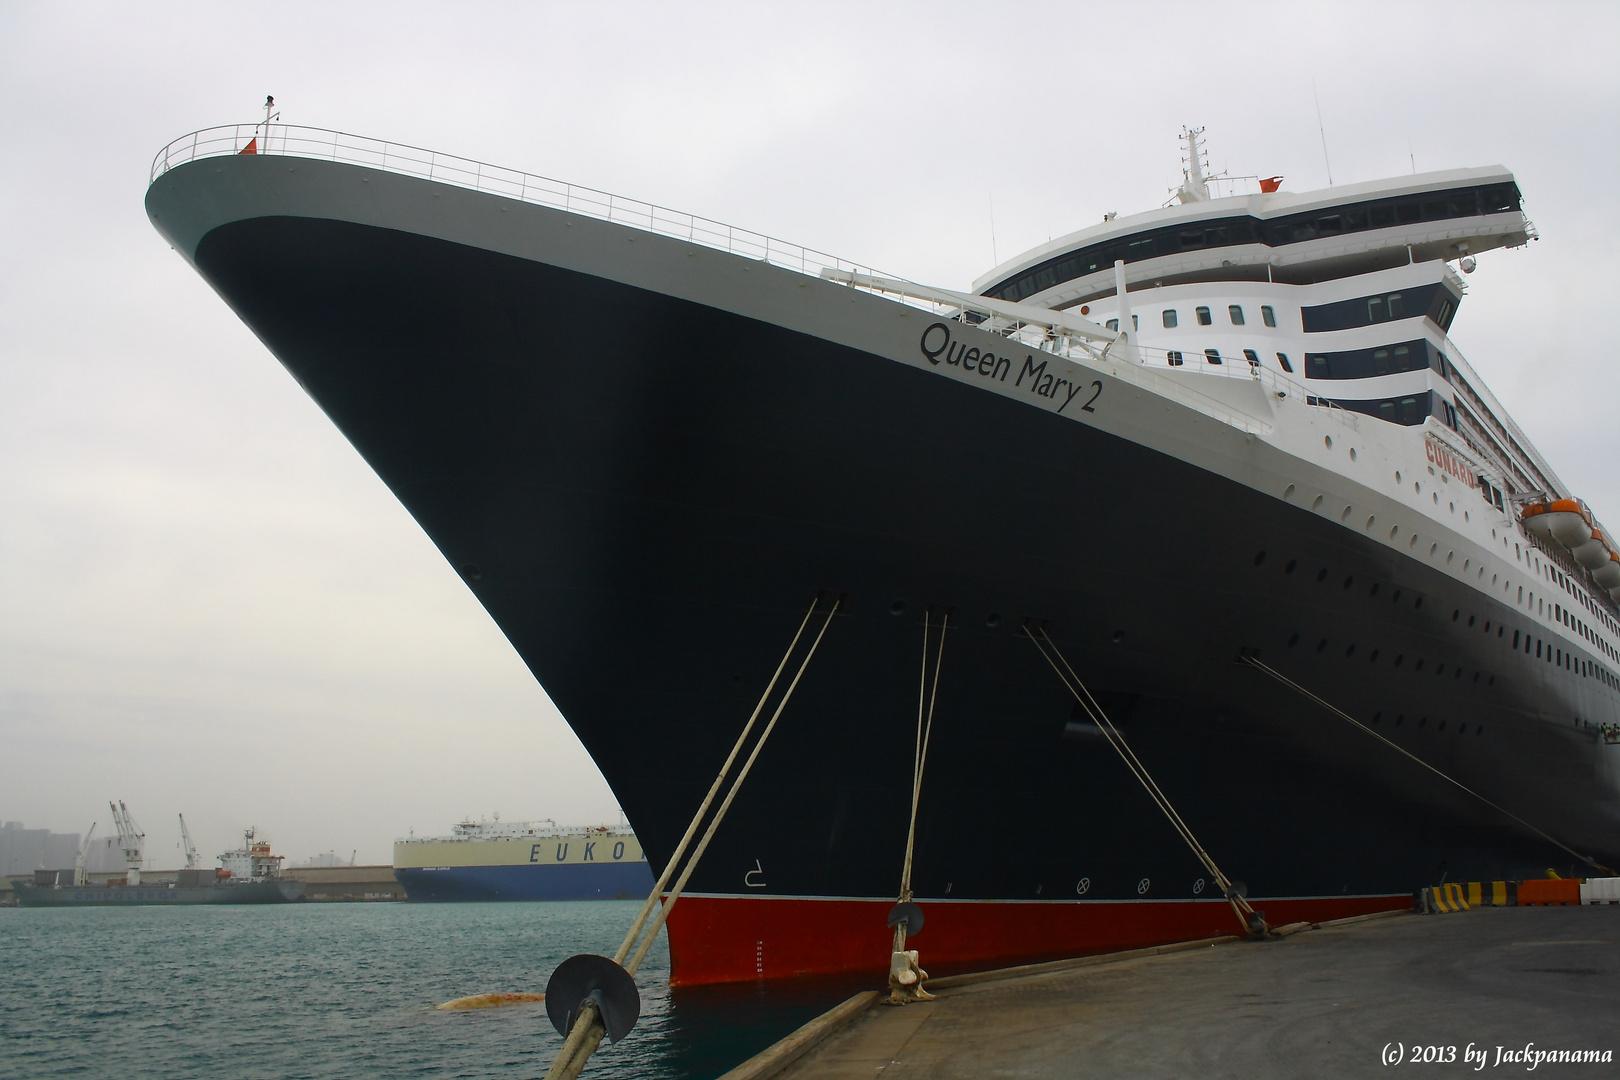 Die Queen Mary 2 im Khalifa Bin Salman Port, Bahrain (1)